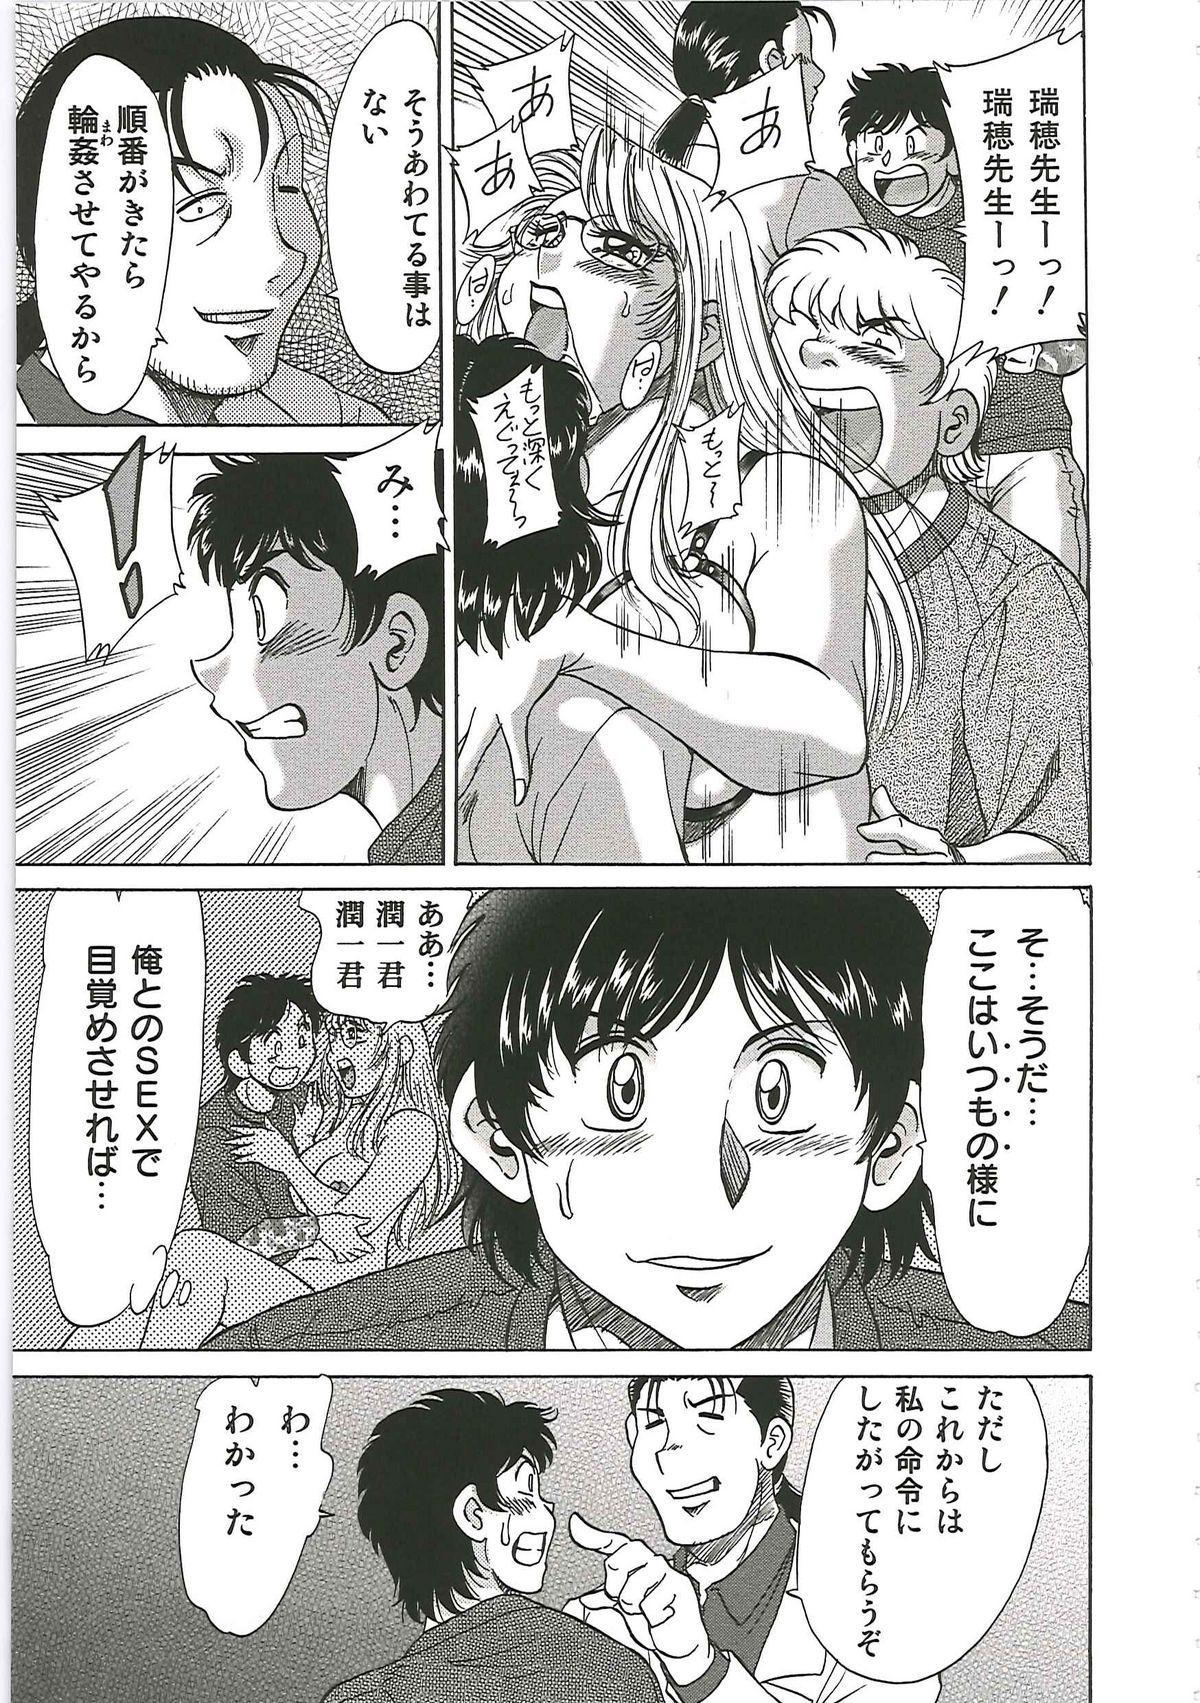 [Chanpon Miyabi] Cho-Onesan Tengoku 6 -Tenrakuhen- 158